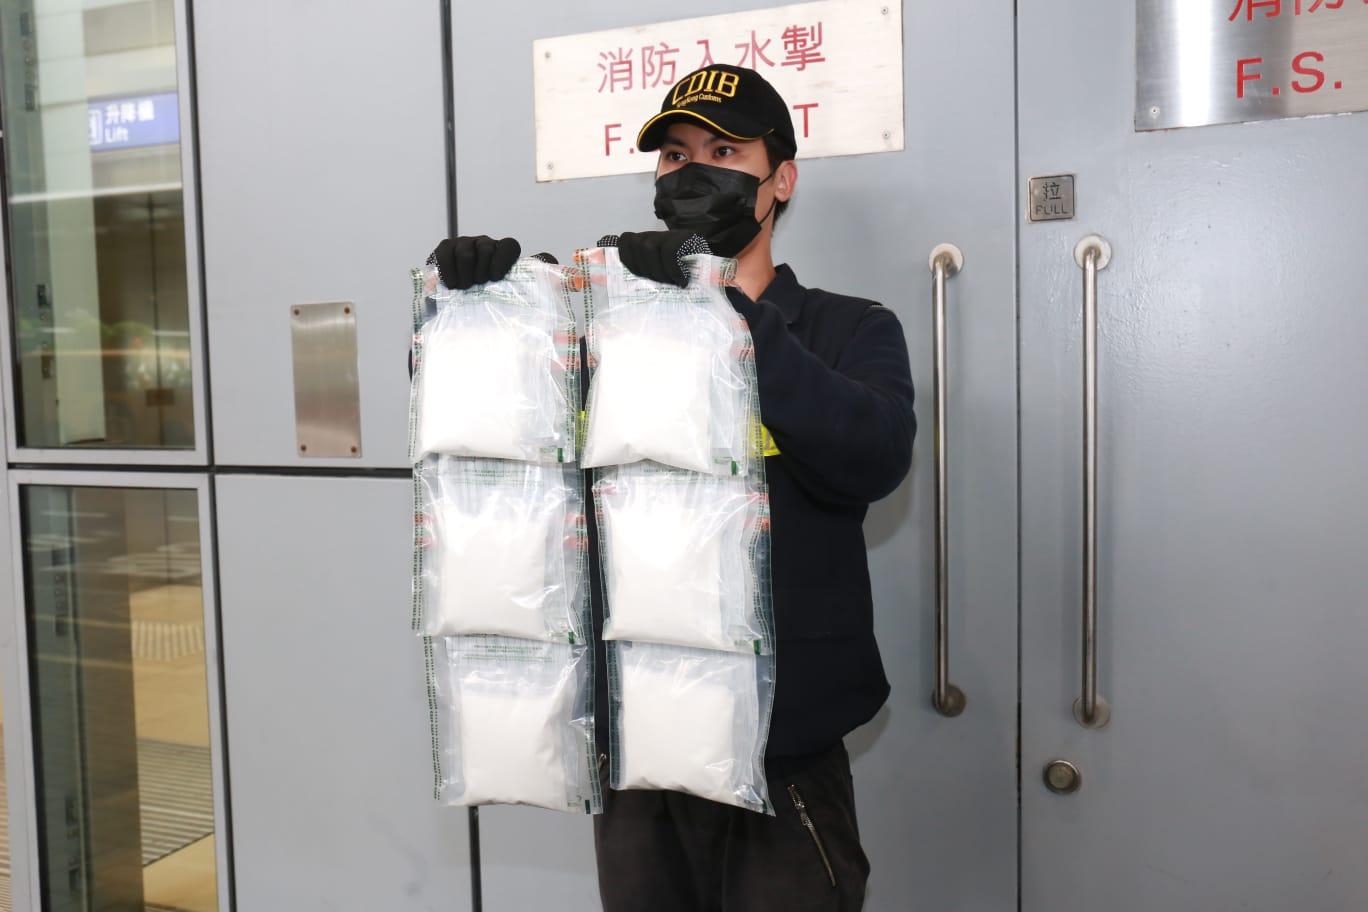 德國寄港郵包藏100萬元K仔